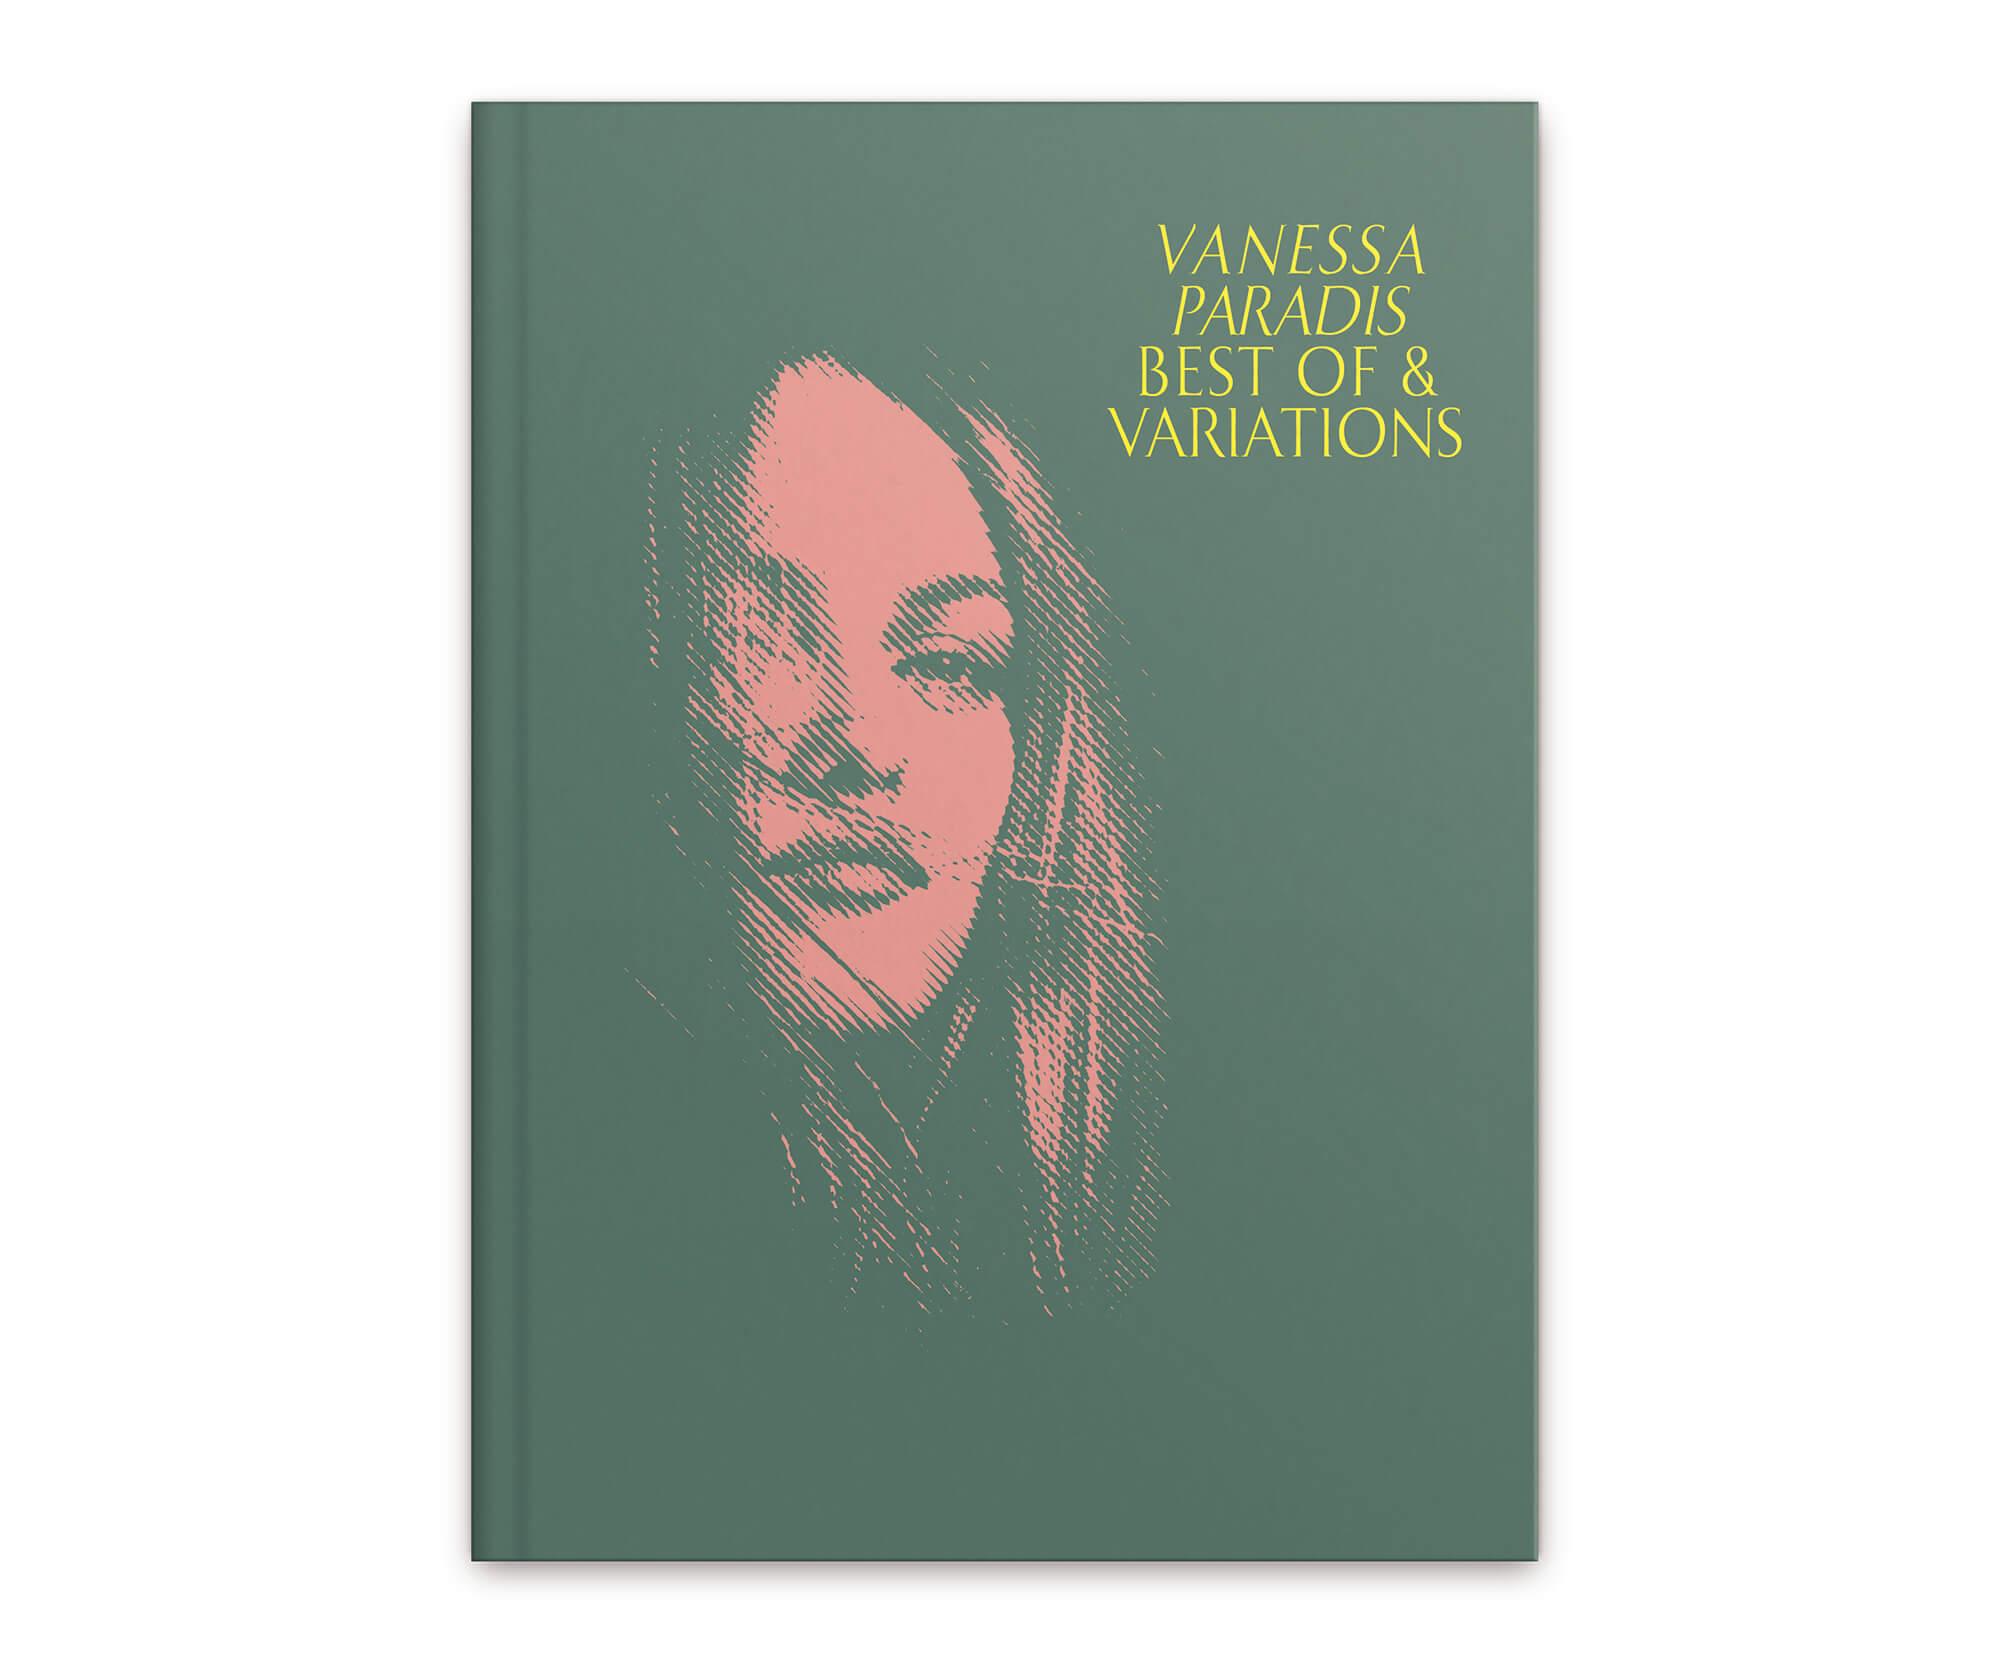 Couverture du livre disque collector pour la sortie du Best of de Vanessa Paradis, Edition design par IchetKar